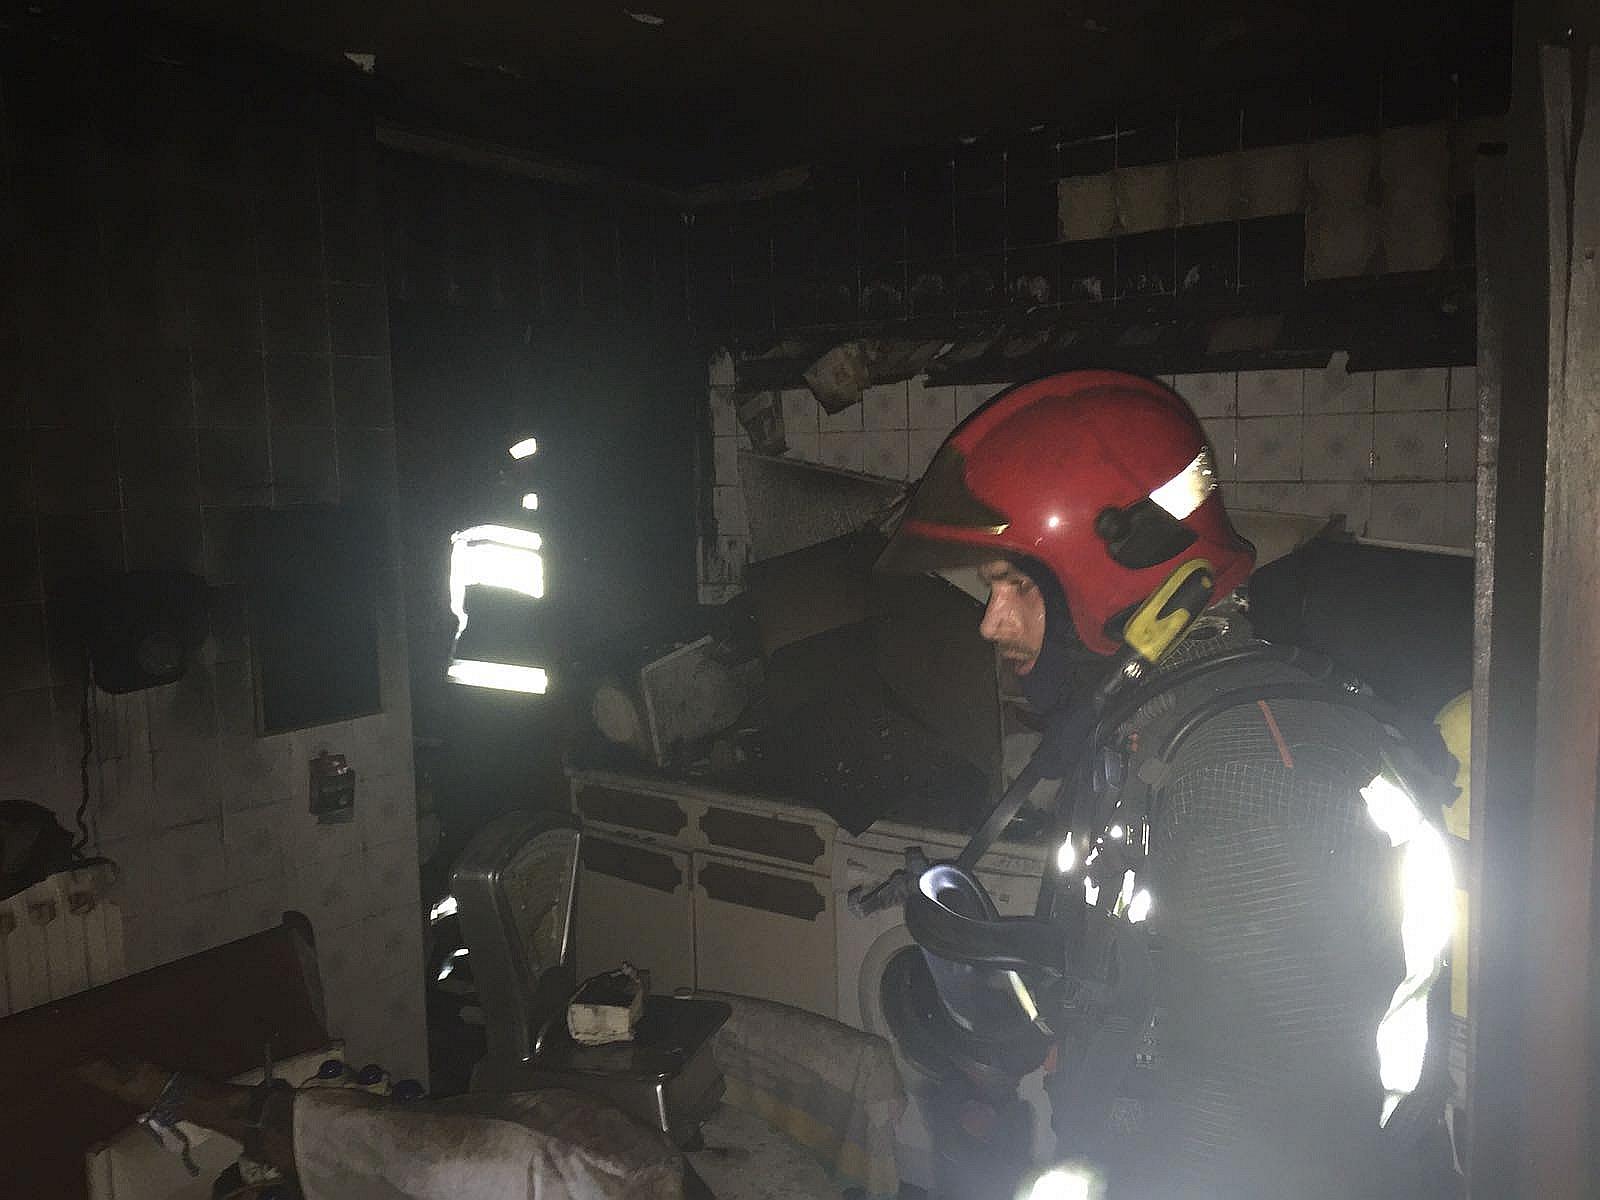 Un incendio en una vivienda de Reinosa obligó a desalojar un edificio de cinco plantas